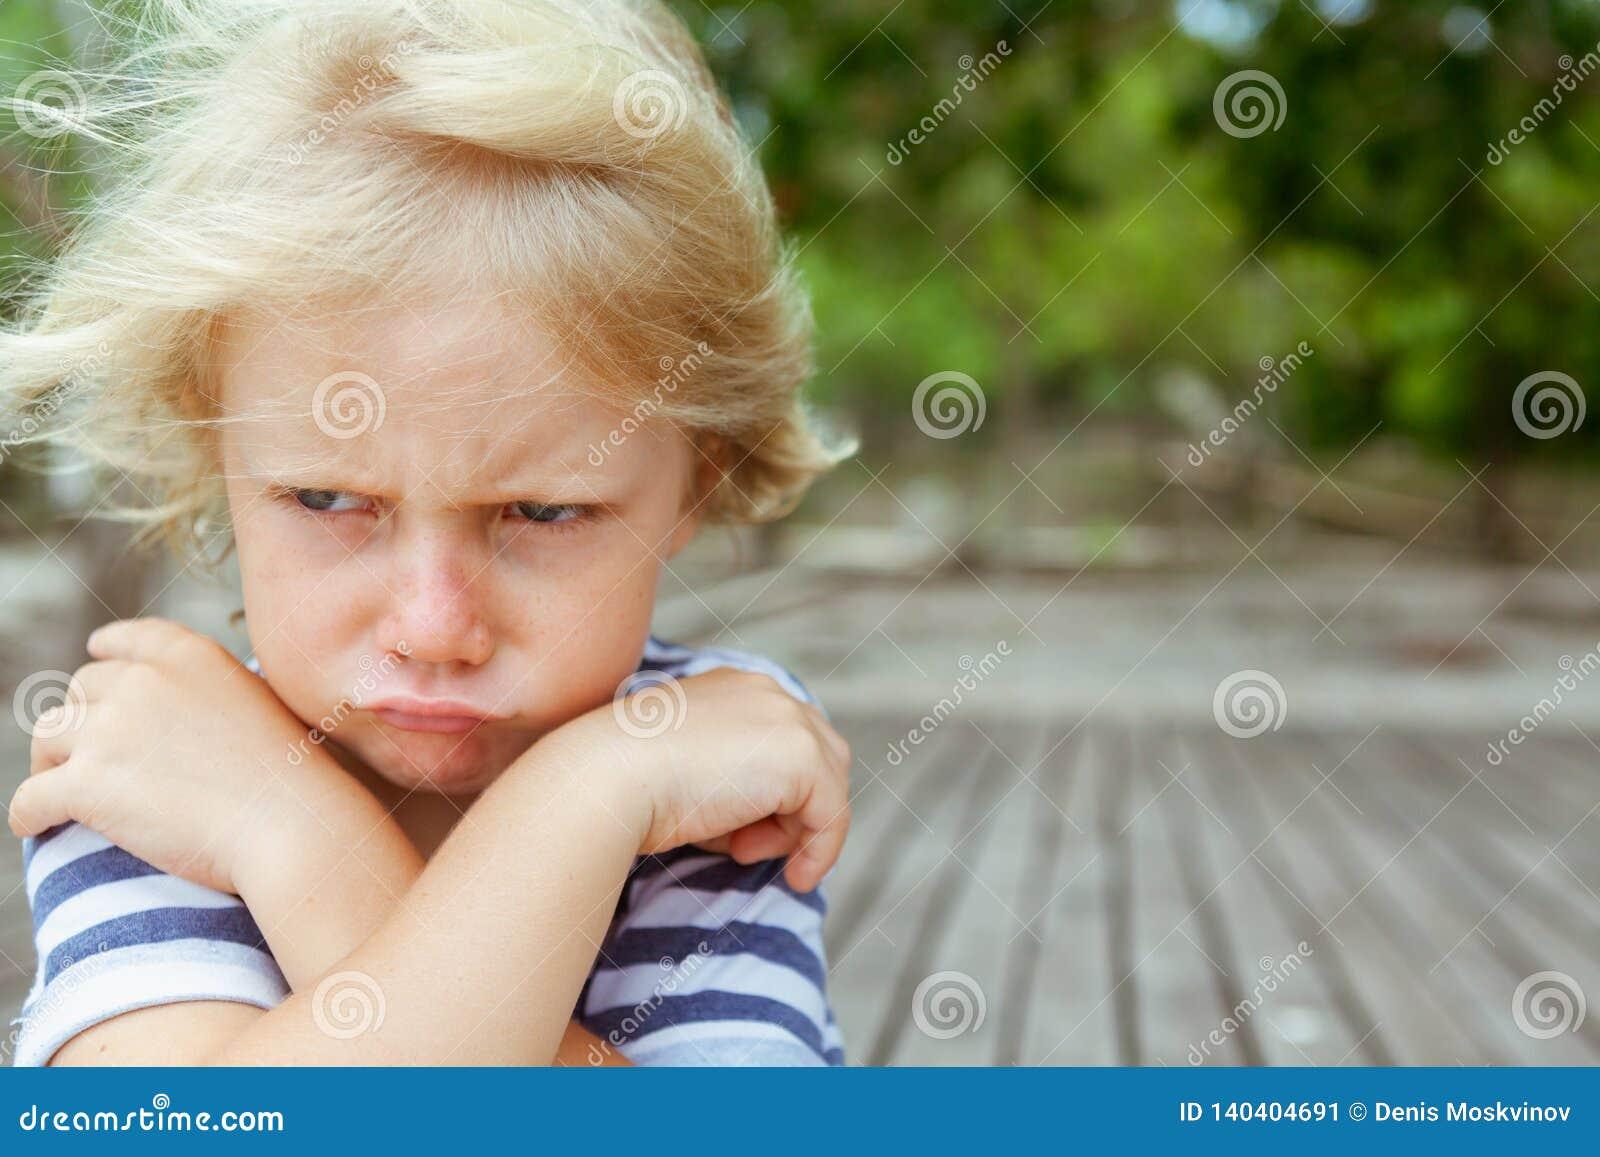 Retrato da cara da criança caucasiano irritada, infeliz com braços cruzados